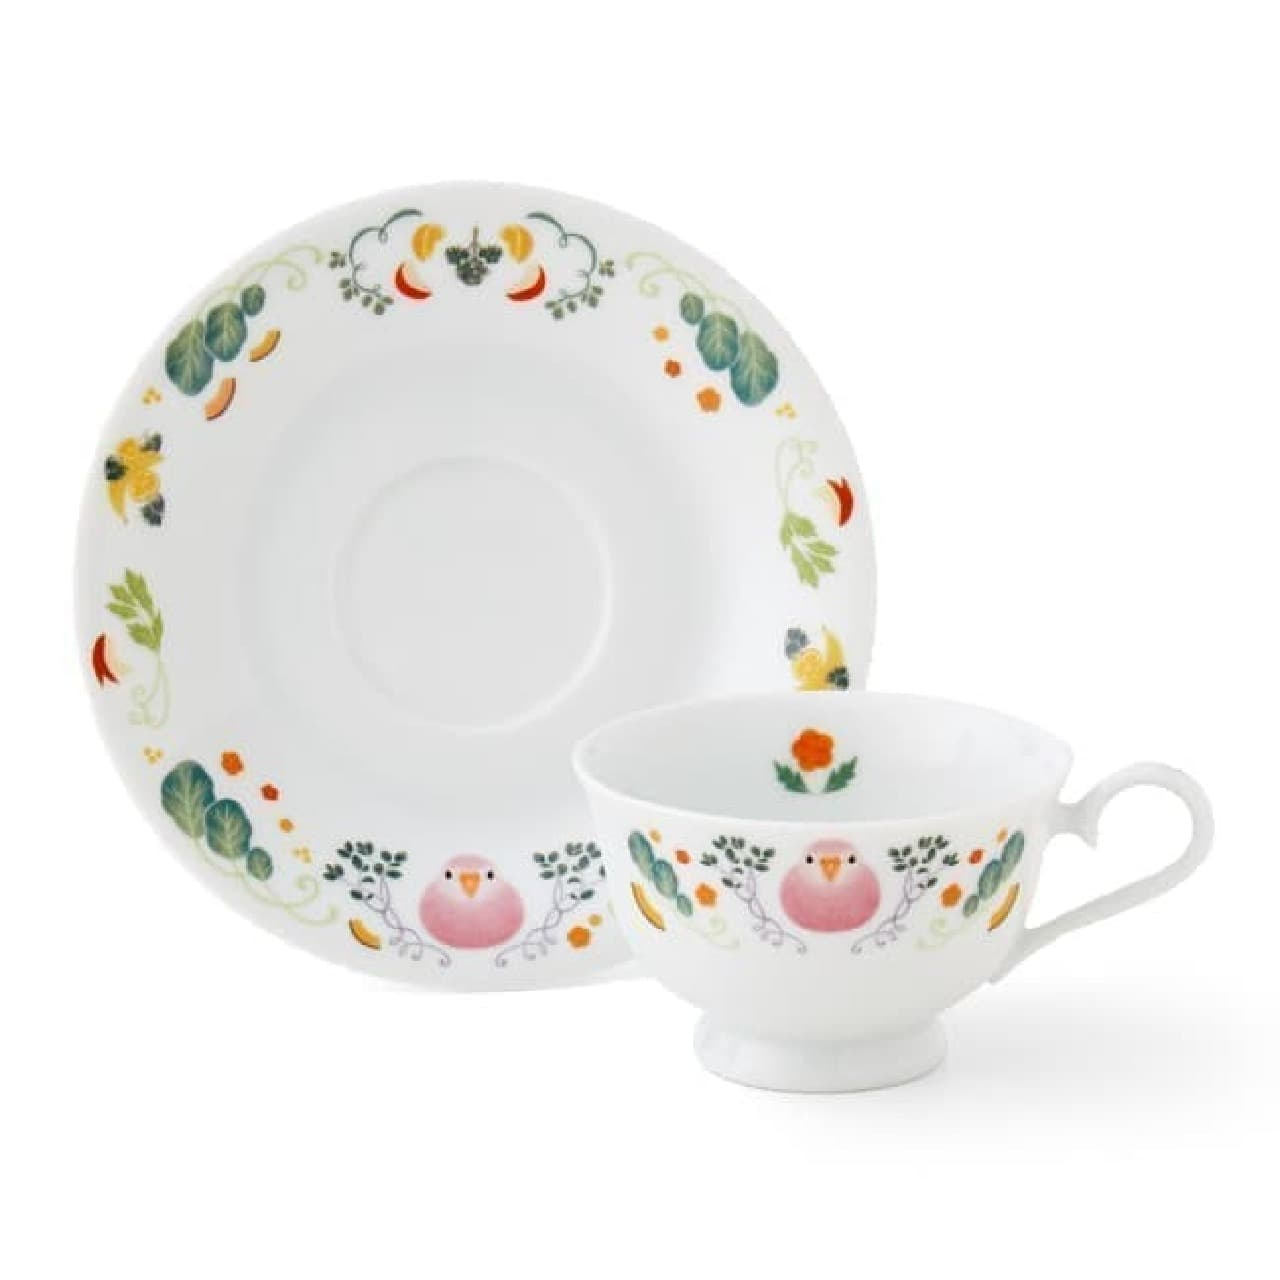 「ほっこりお茶会 インコのカップ&ソーサー」がユーモア雑貨ブランド「YOU+MORE!」から登場。